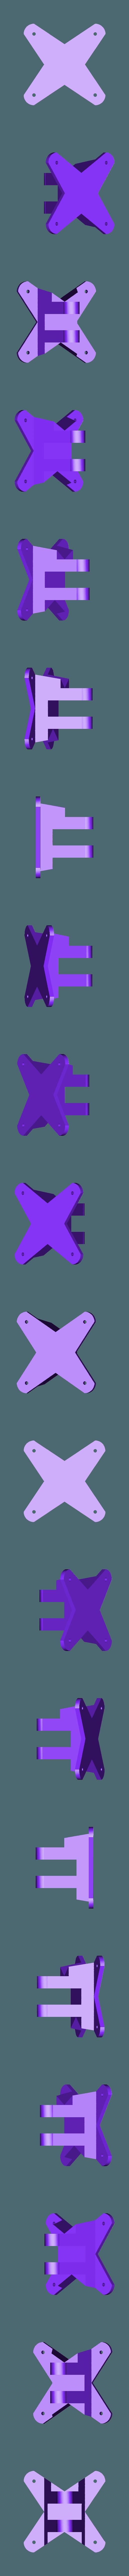 Support pc.STL Télécharger fichier STL gratuit Attache mural pc • Objet imprimable en 3D, lucasdenise081829